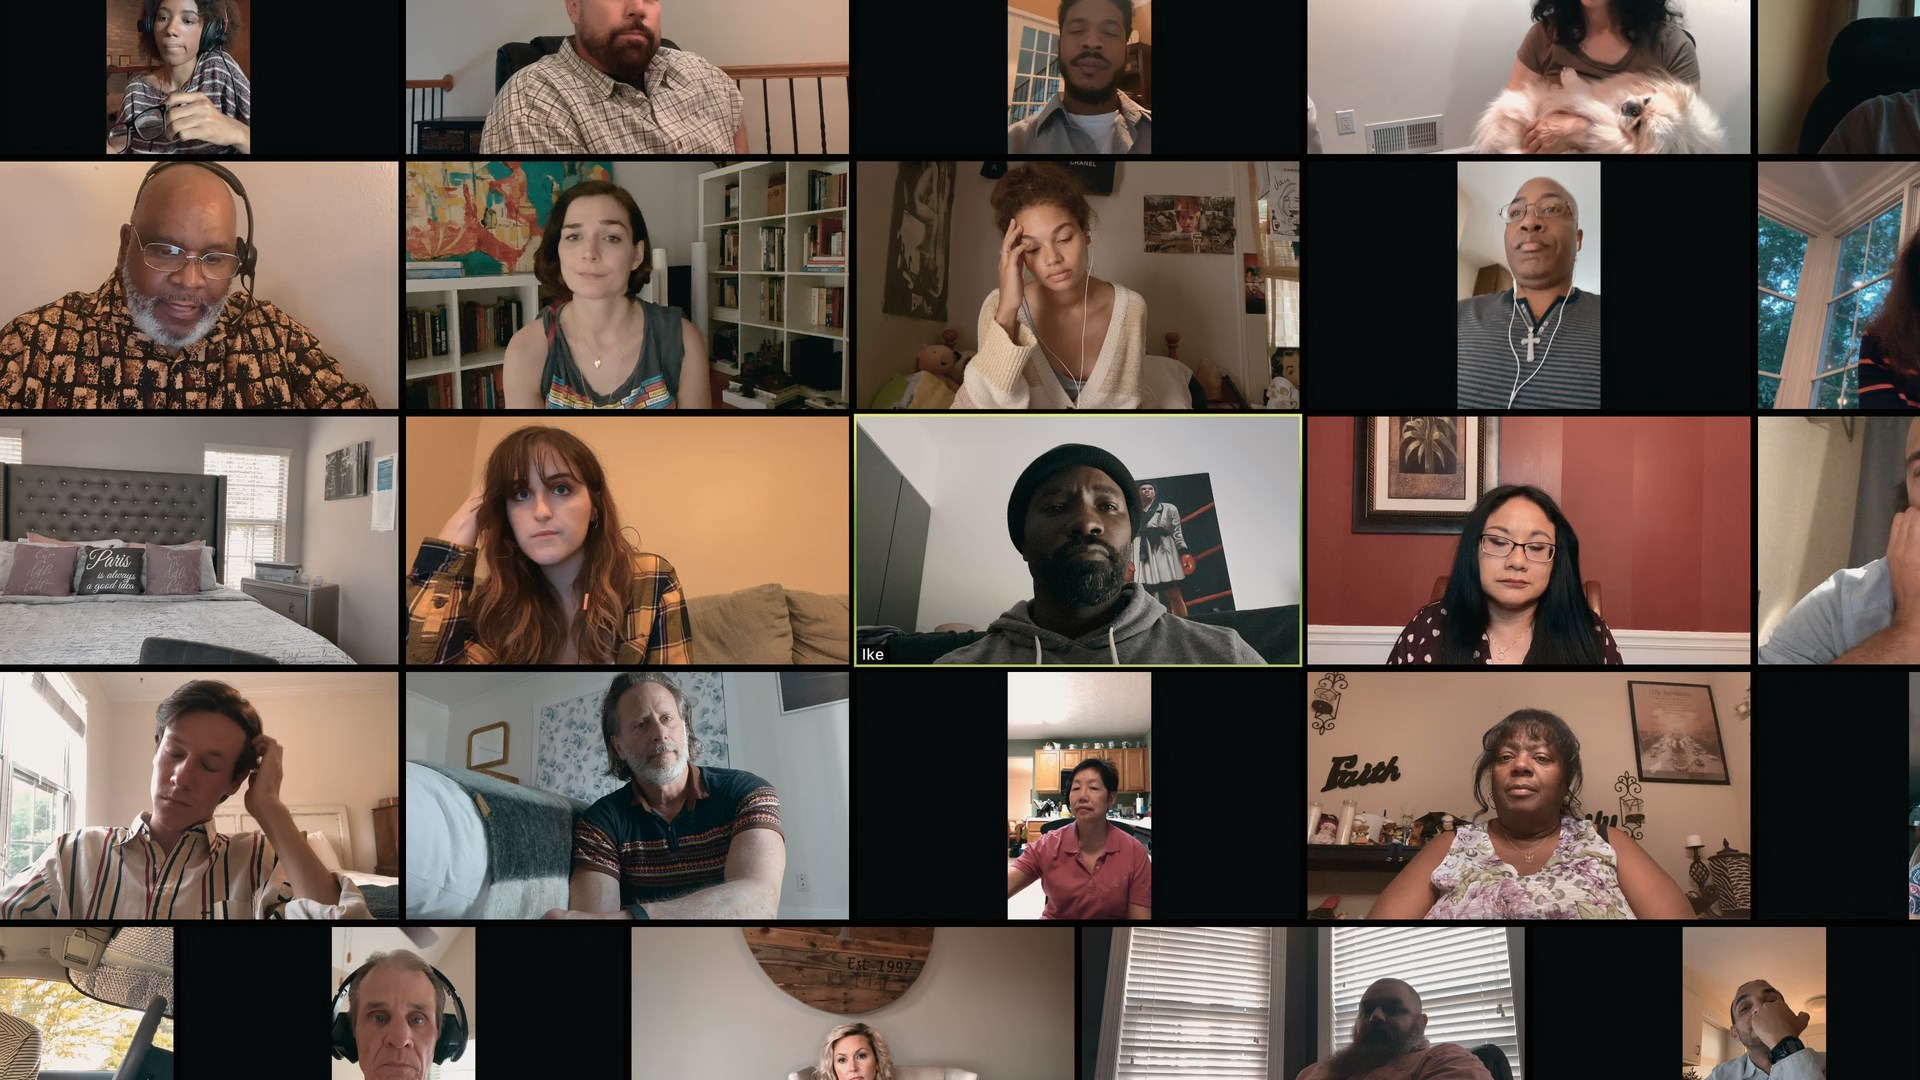 Distanciamiento social (2020) Temporada 1 1080p WEB-DL Latino